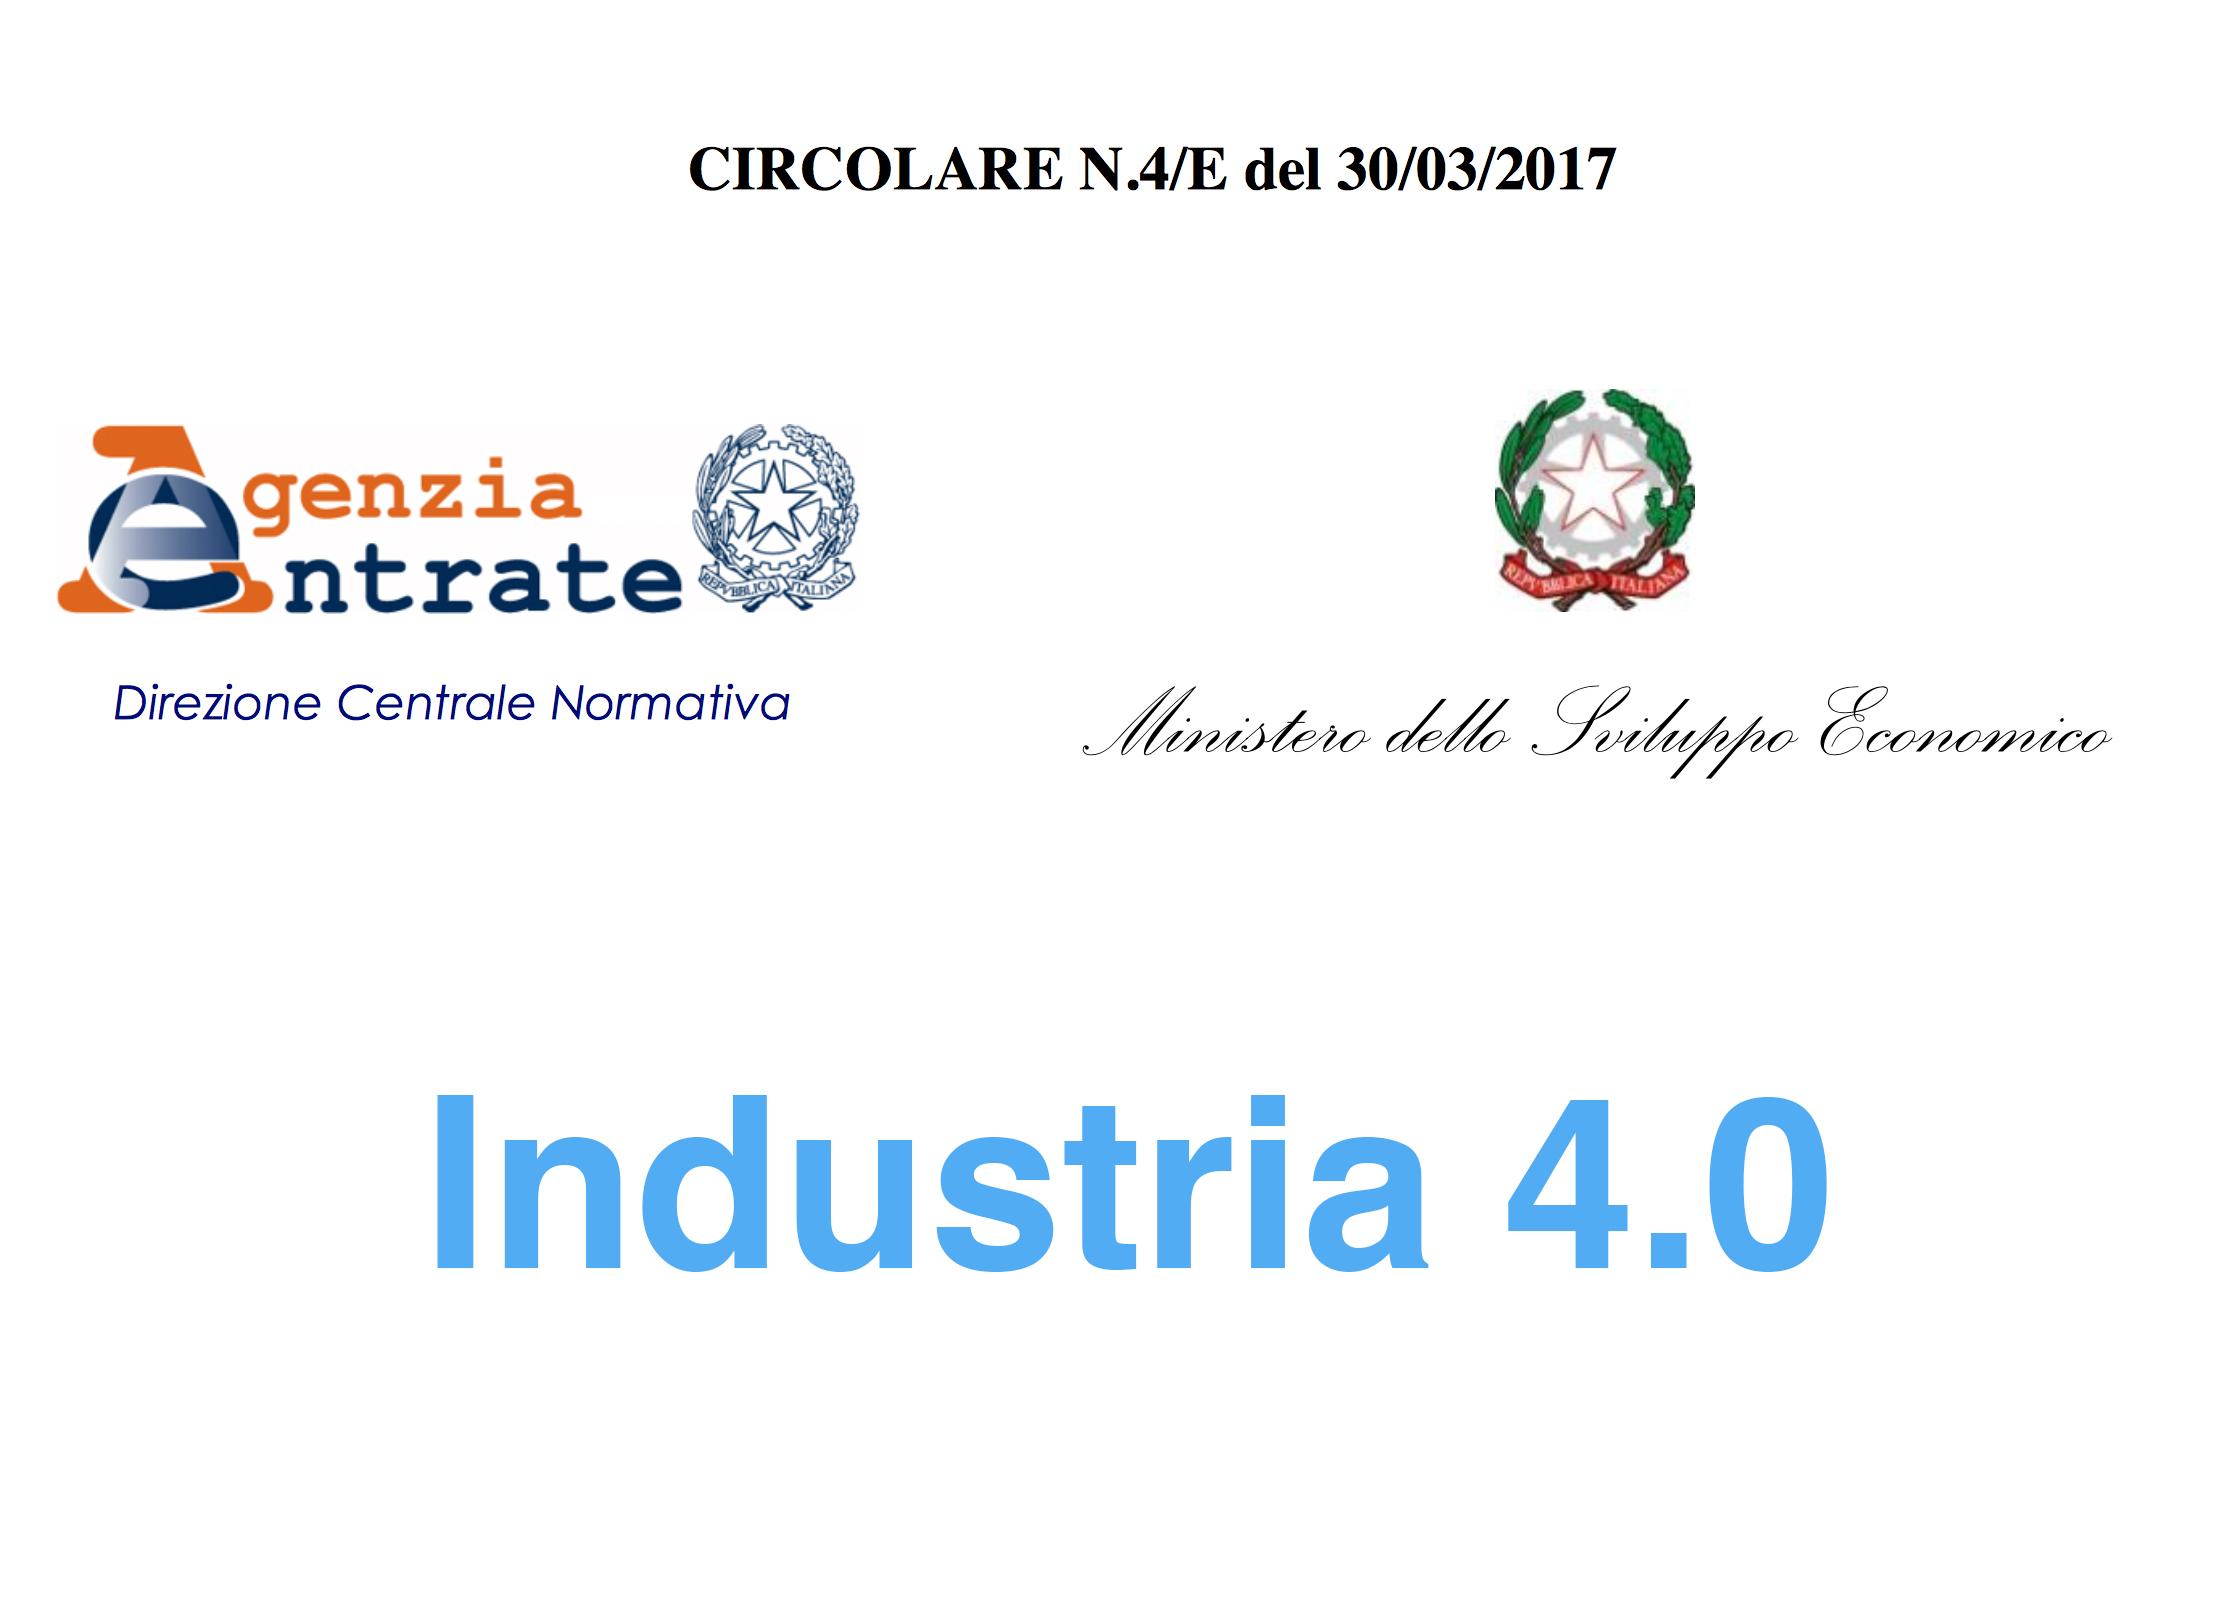 Industria 4.0 circolare del 30 marzo